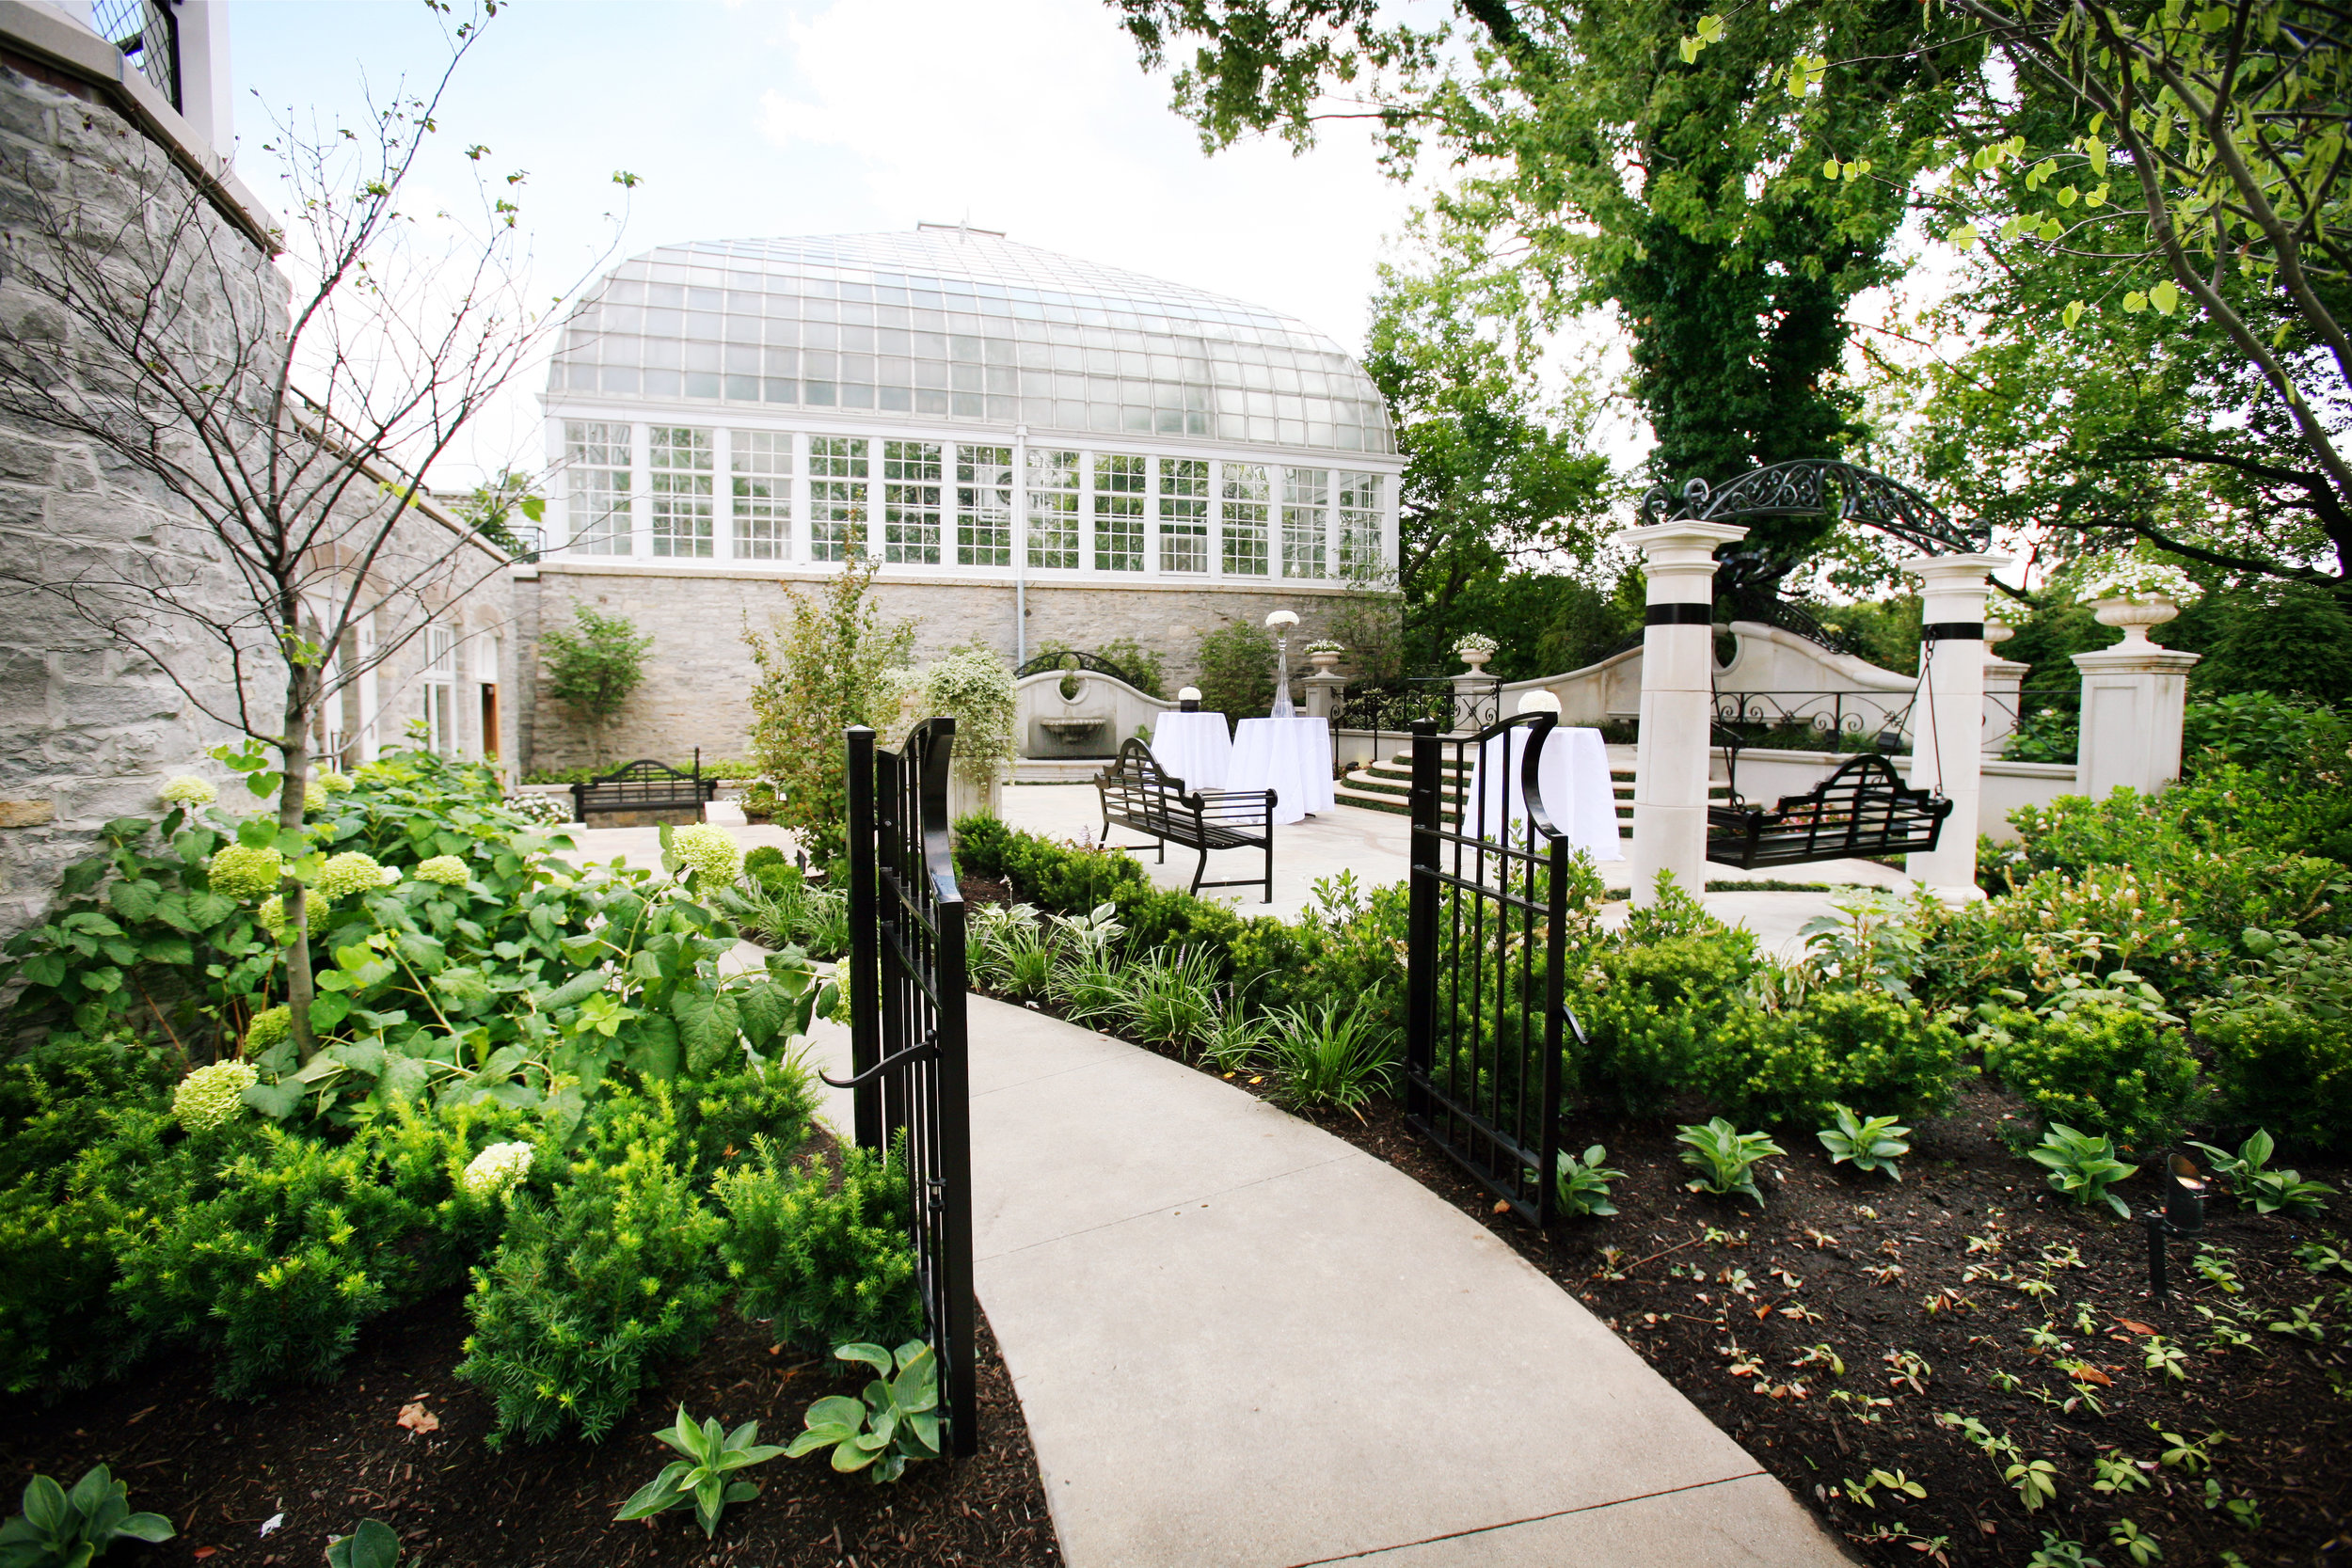 fpc_brides garden 4.jpg